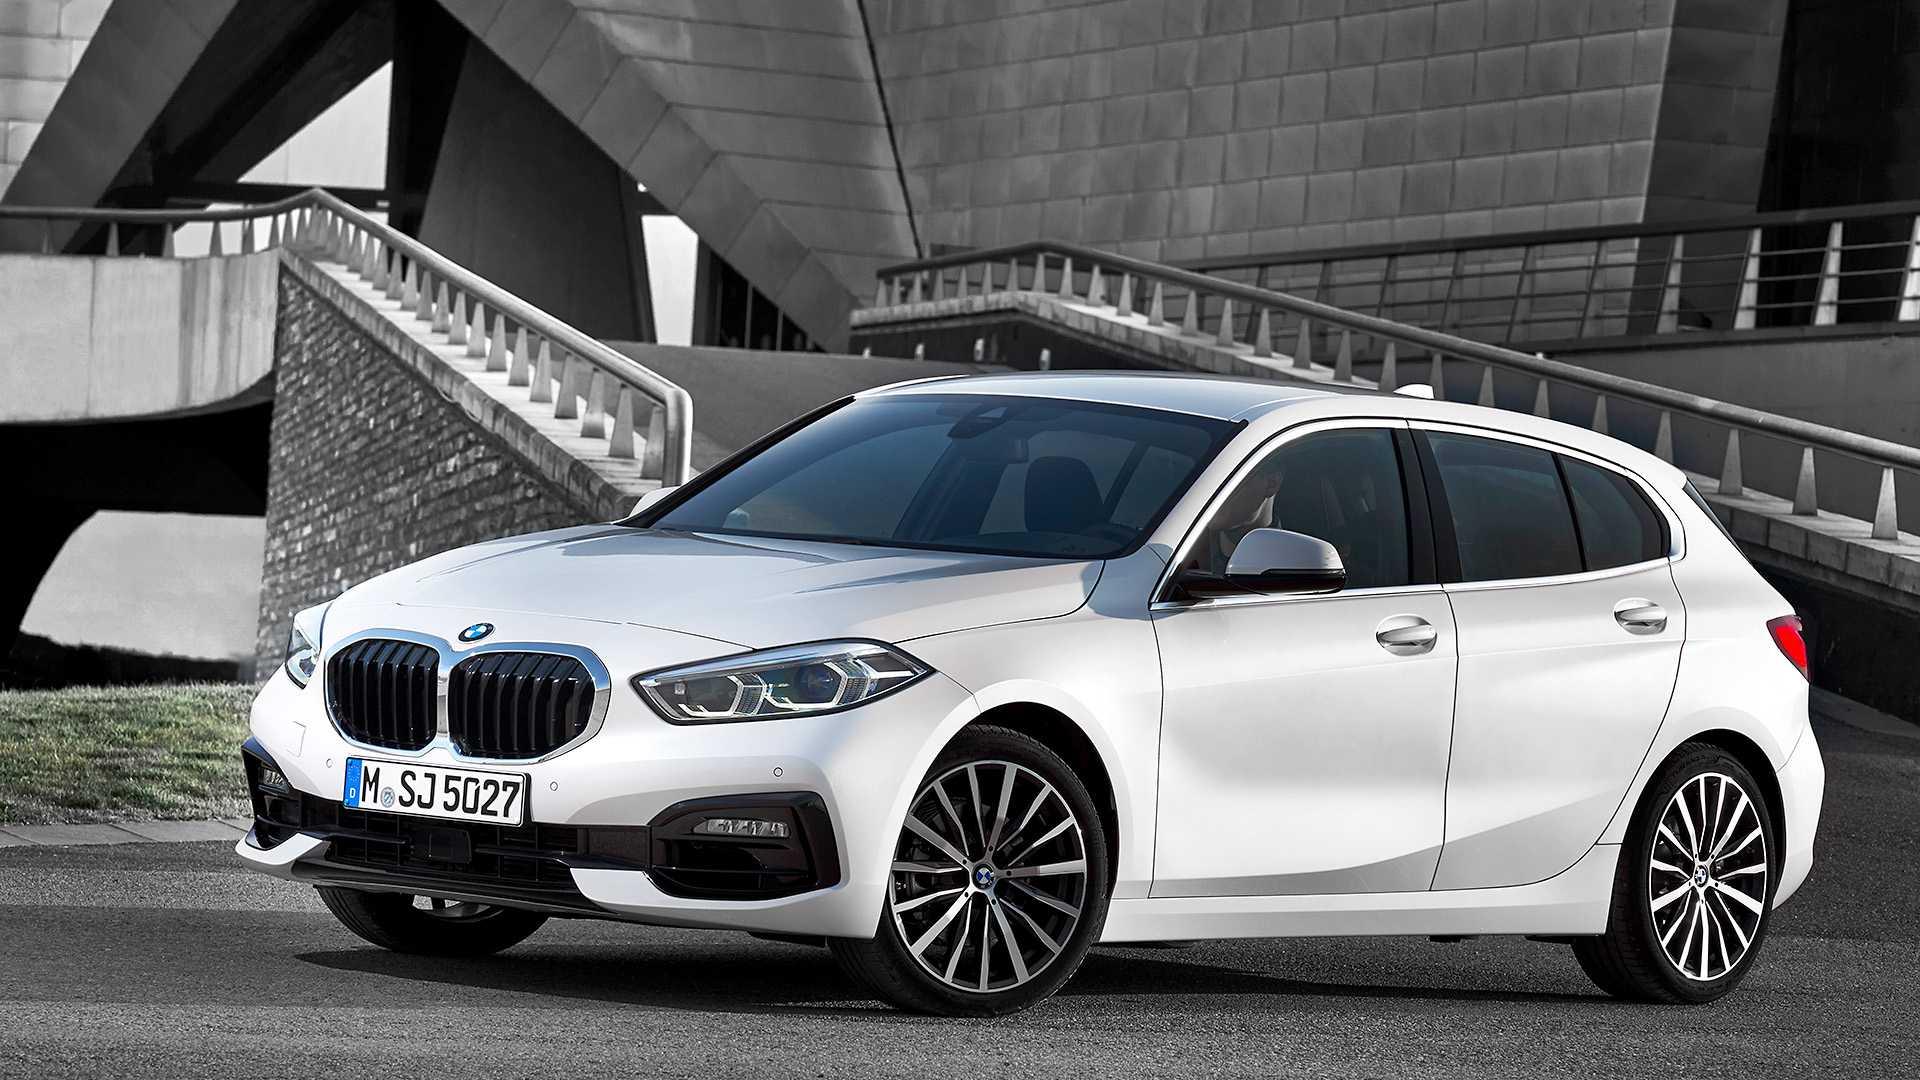 BMW Série 1 na cor branca com rodas de 17 polegadas